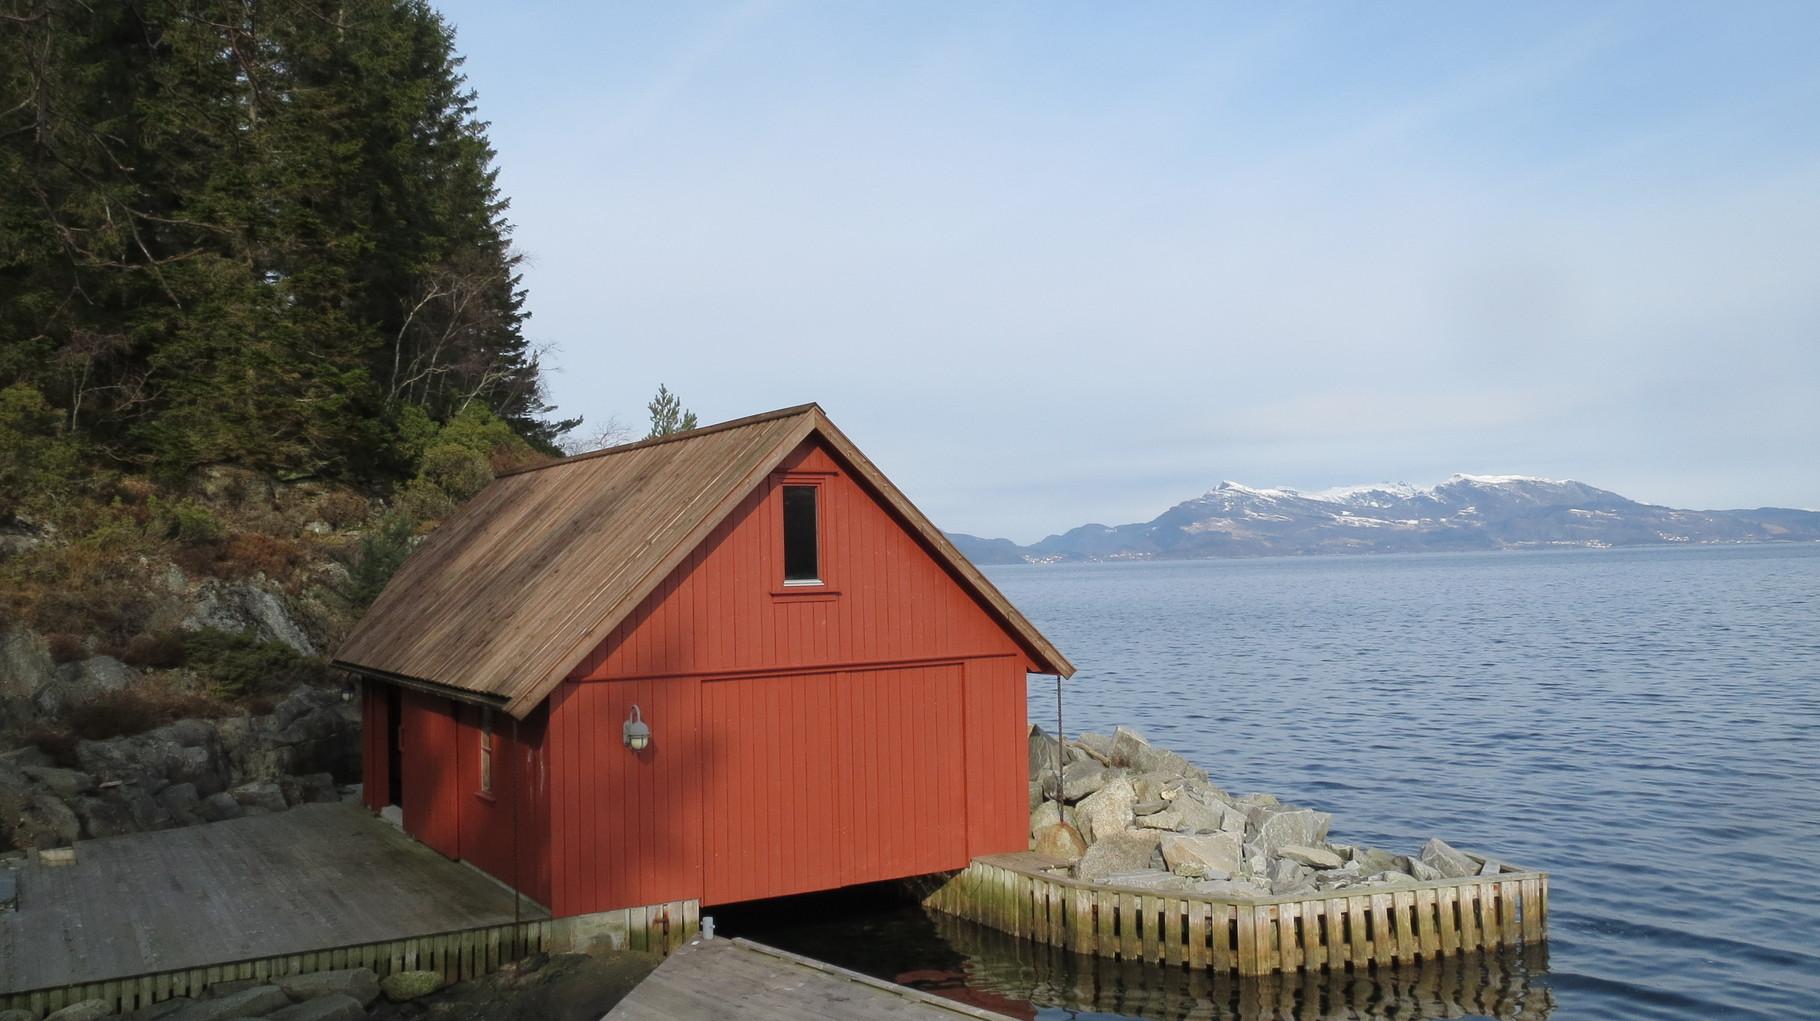 ... mit Bootshaus und jeder Menge Wald und Wasser außenherum ...